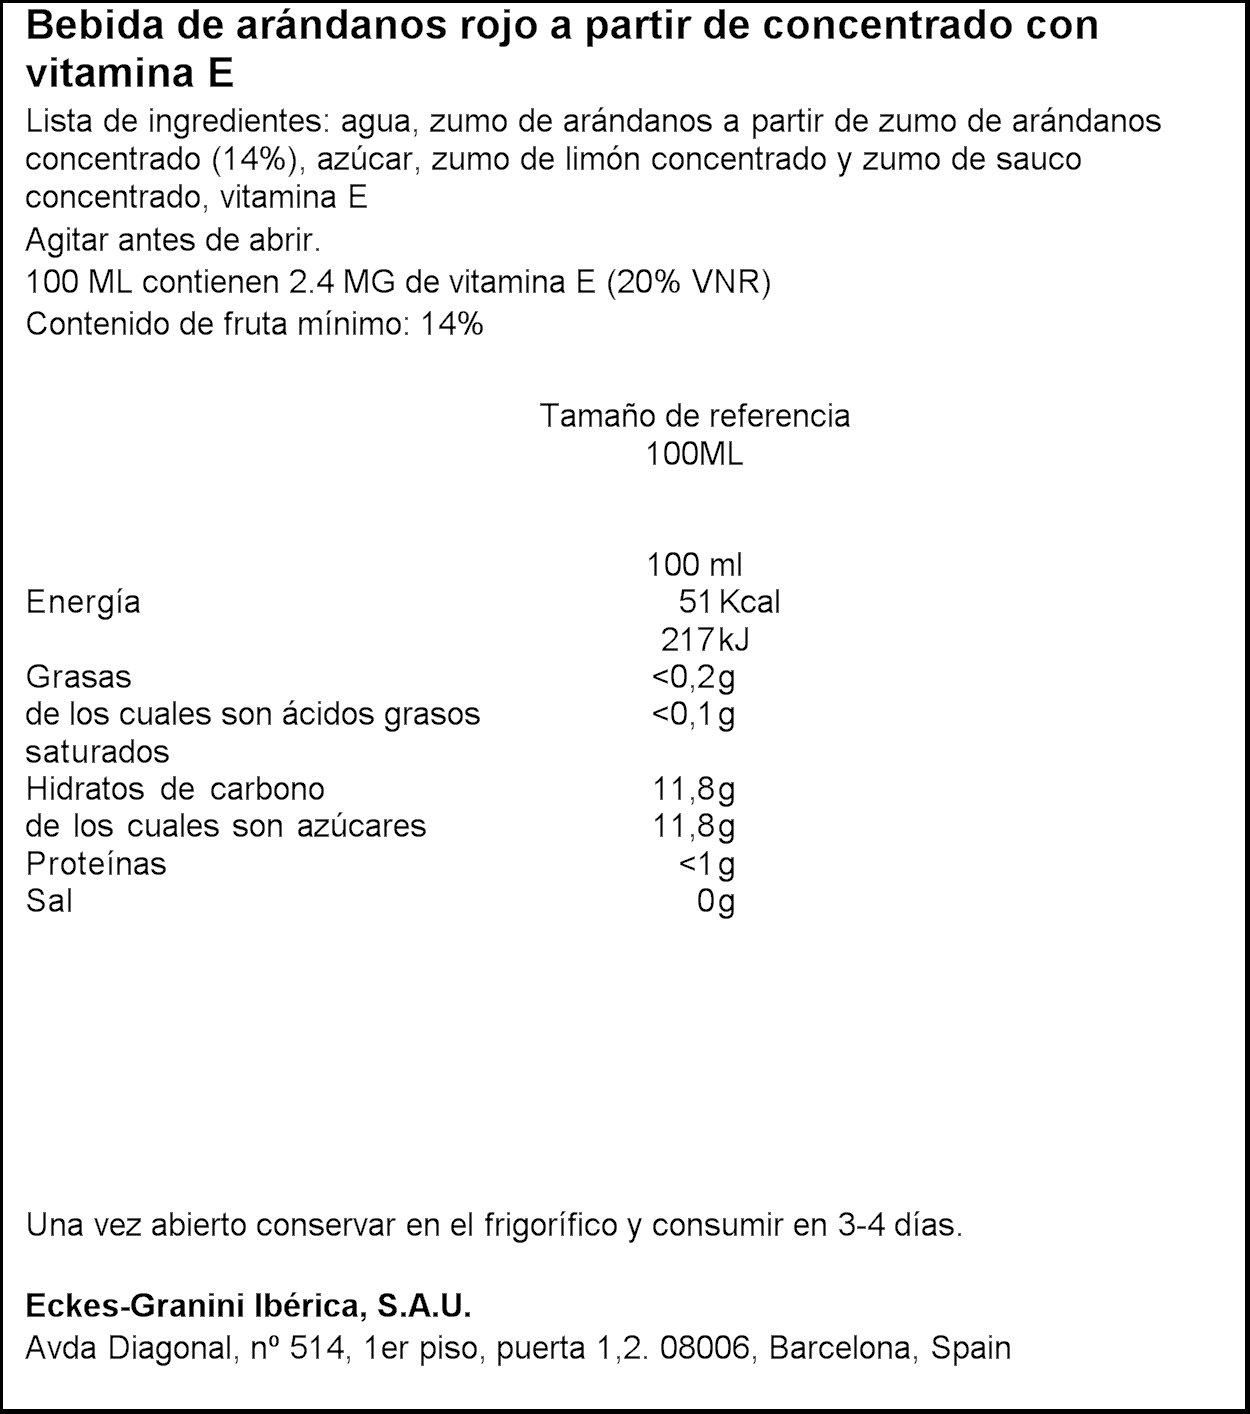 Granini - Arándano rojo - Zumo de frutas 1000 ml - Pack de 6 (Total 6000 ml): Amazon.es: Alimentación y bebidas